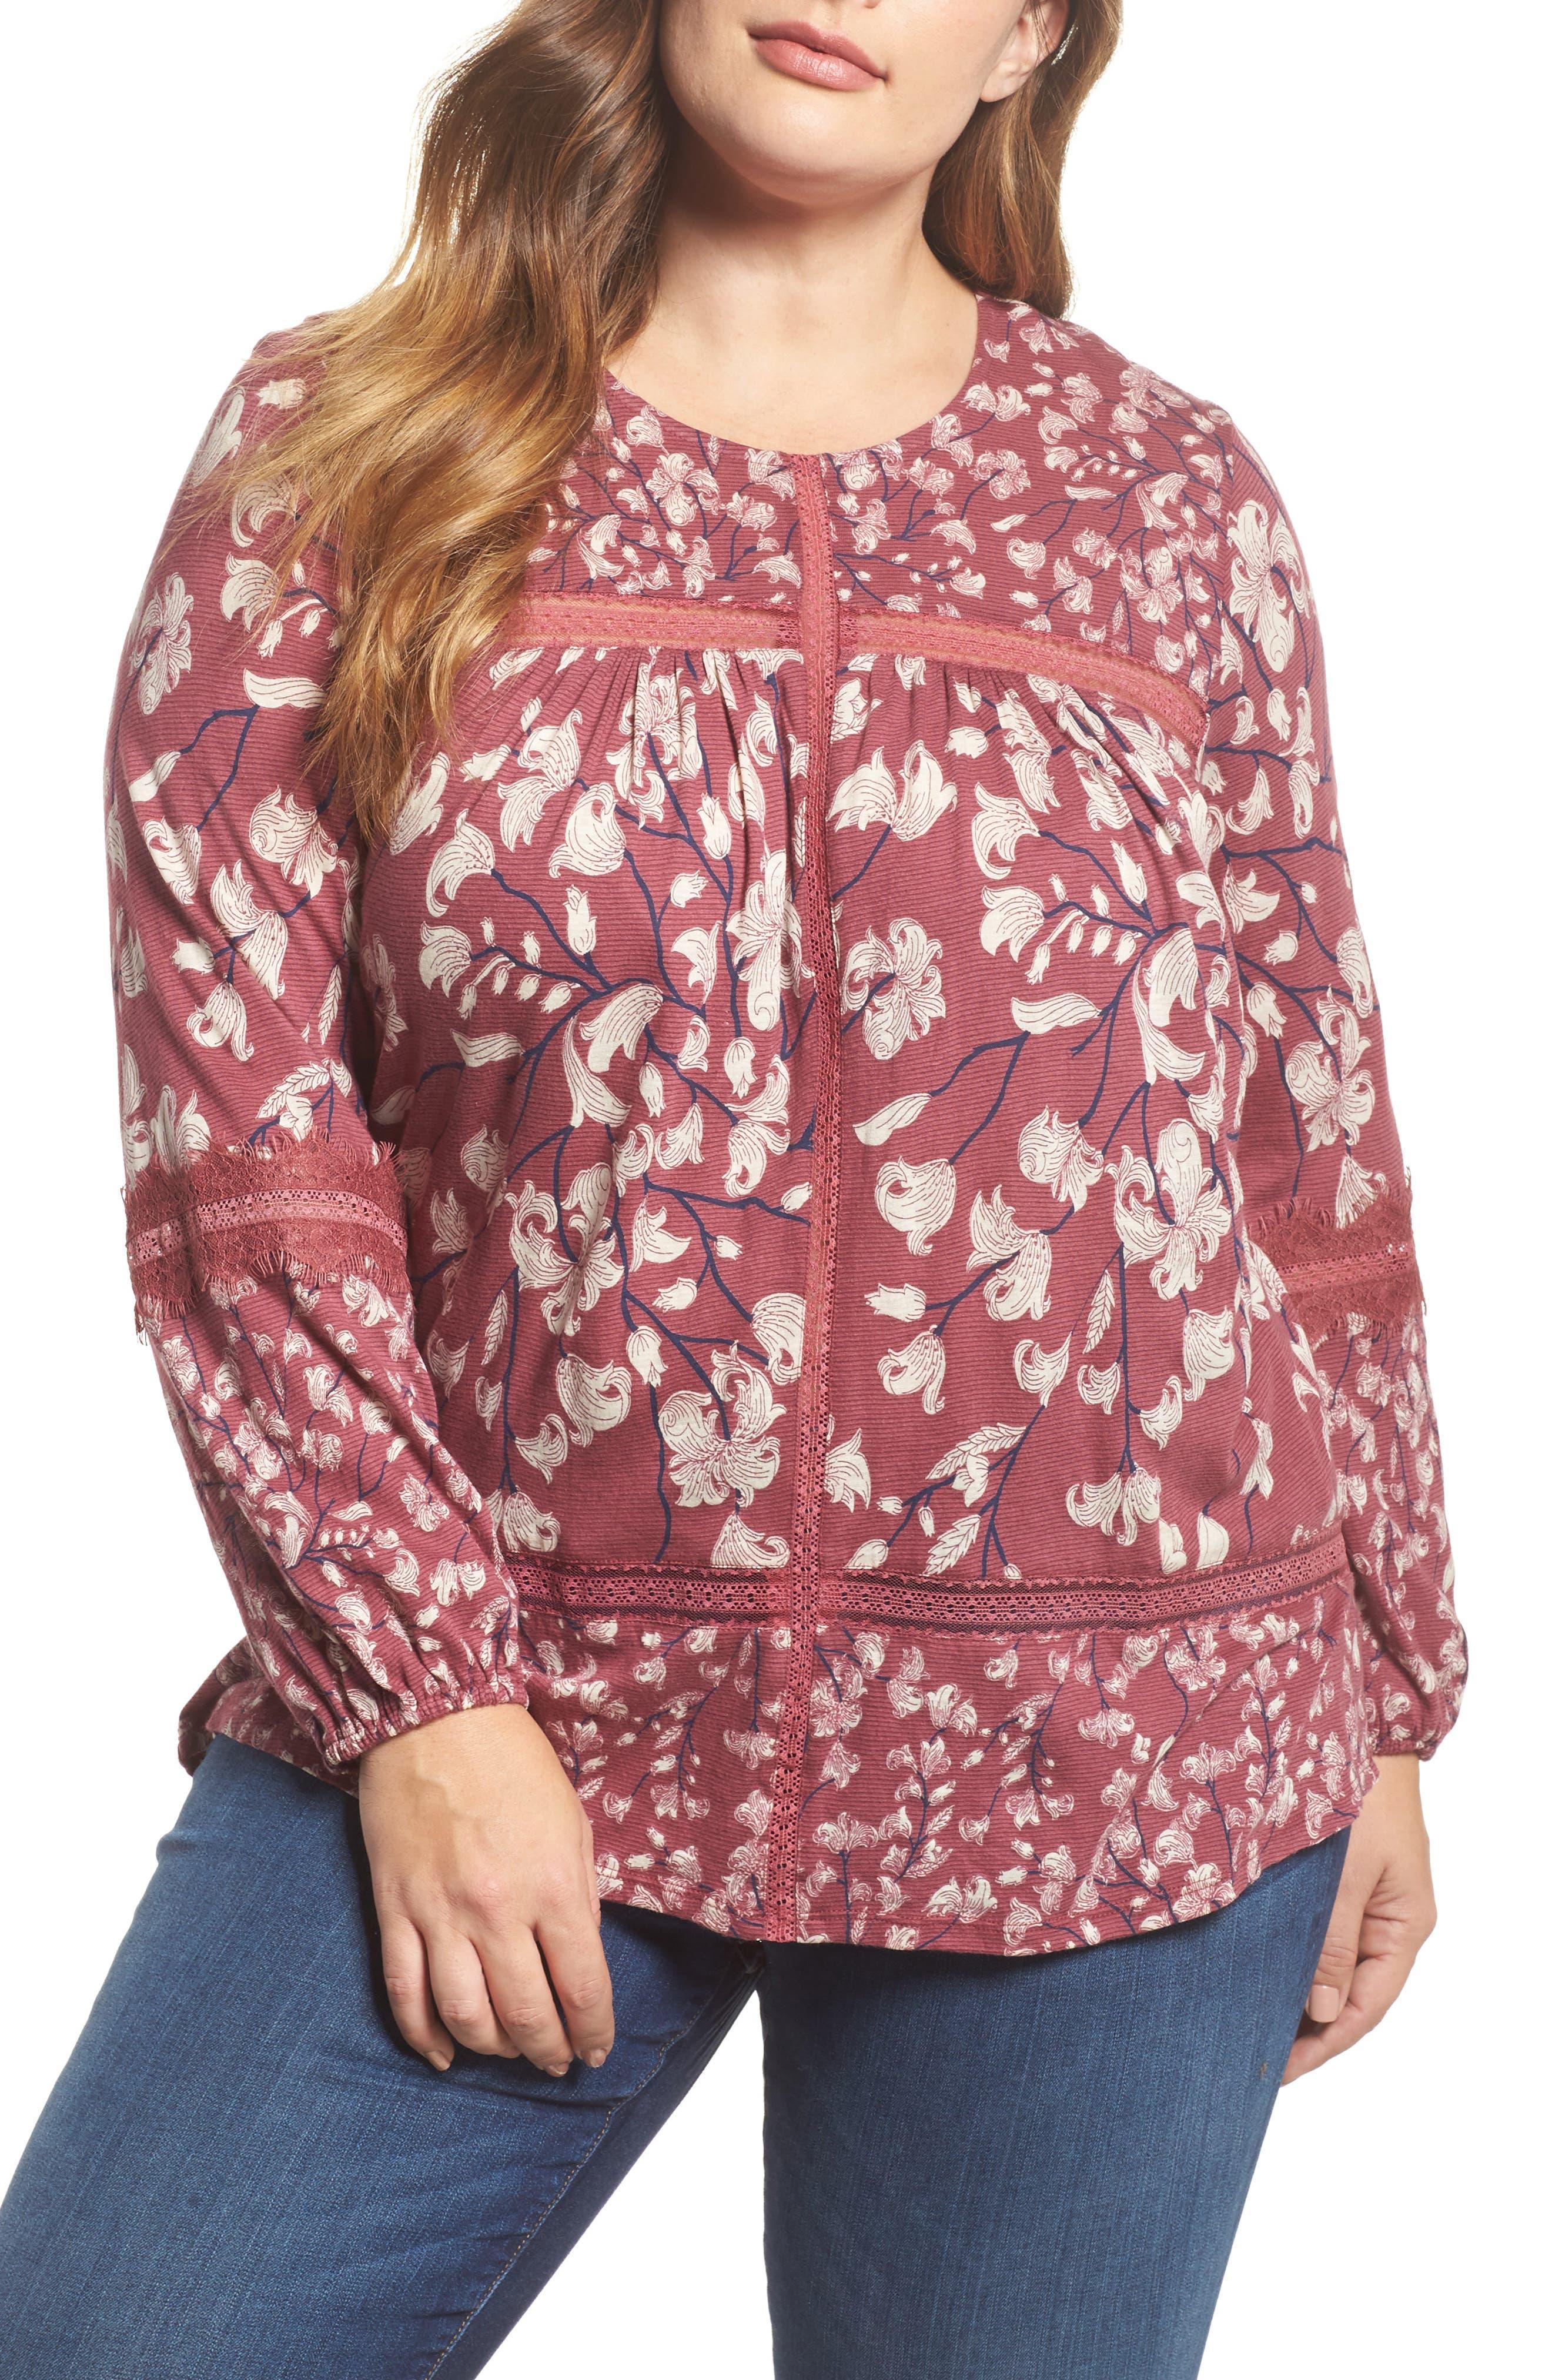 Lace Inset Print Top,                             Main thumbnail 1, color,                             Blush Multi